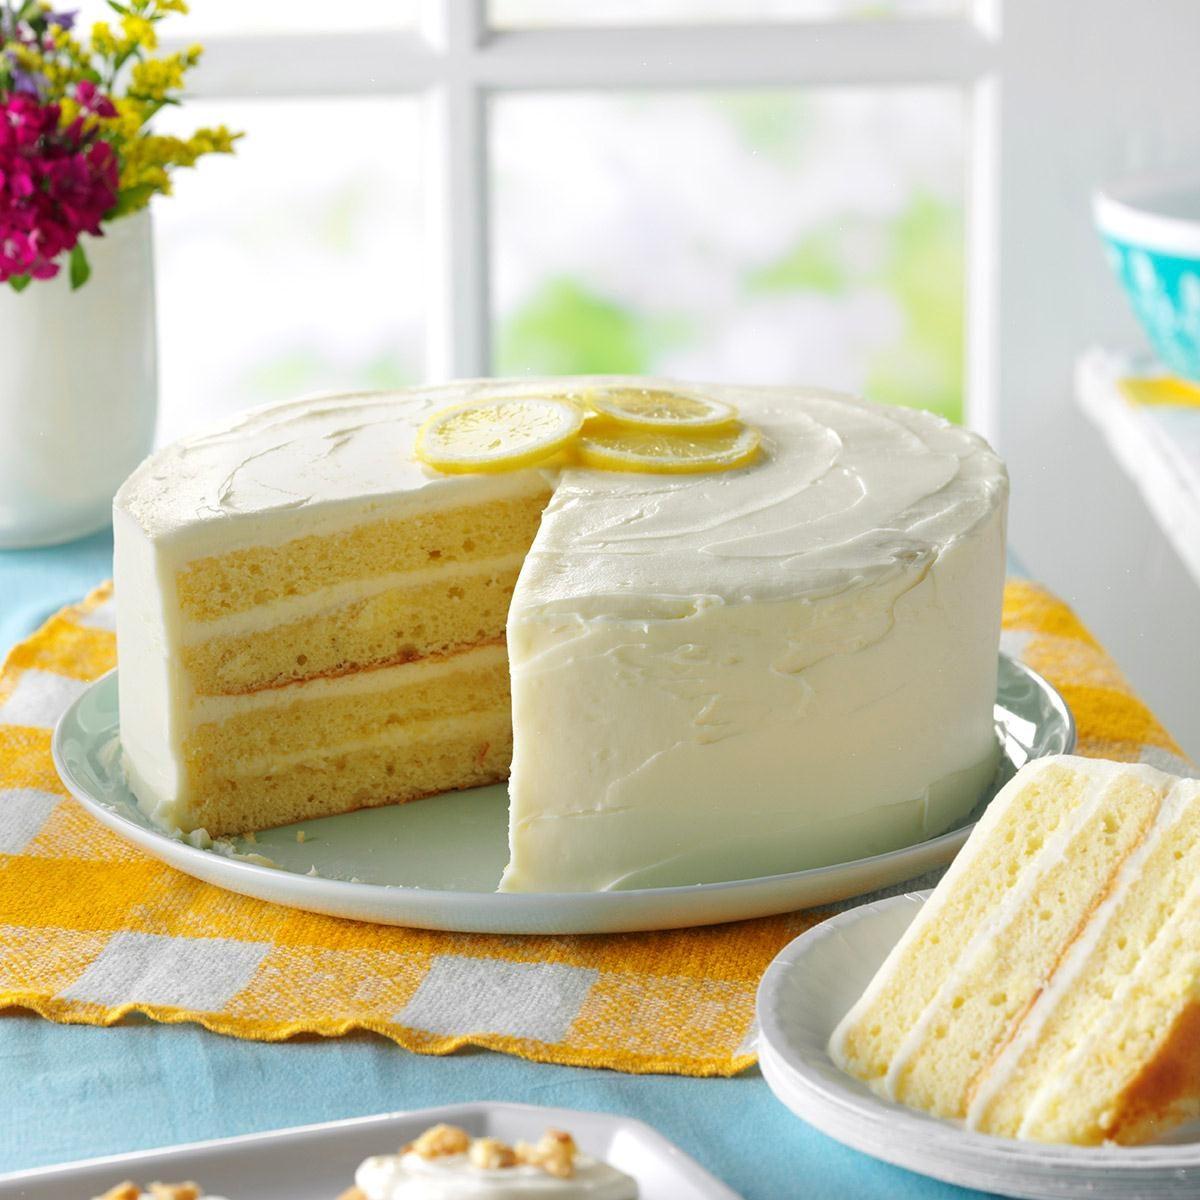 Lemon Cakes Recipes: Lemon Layer Cake Recipe